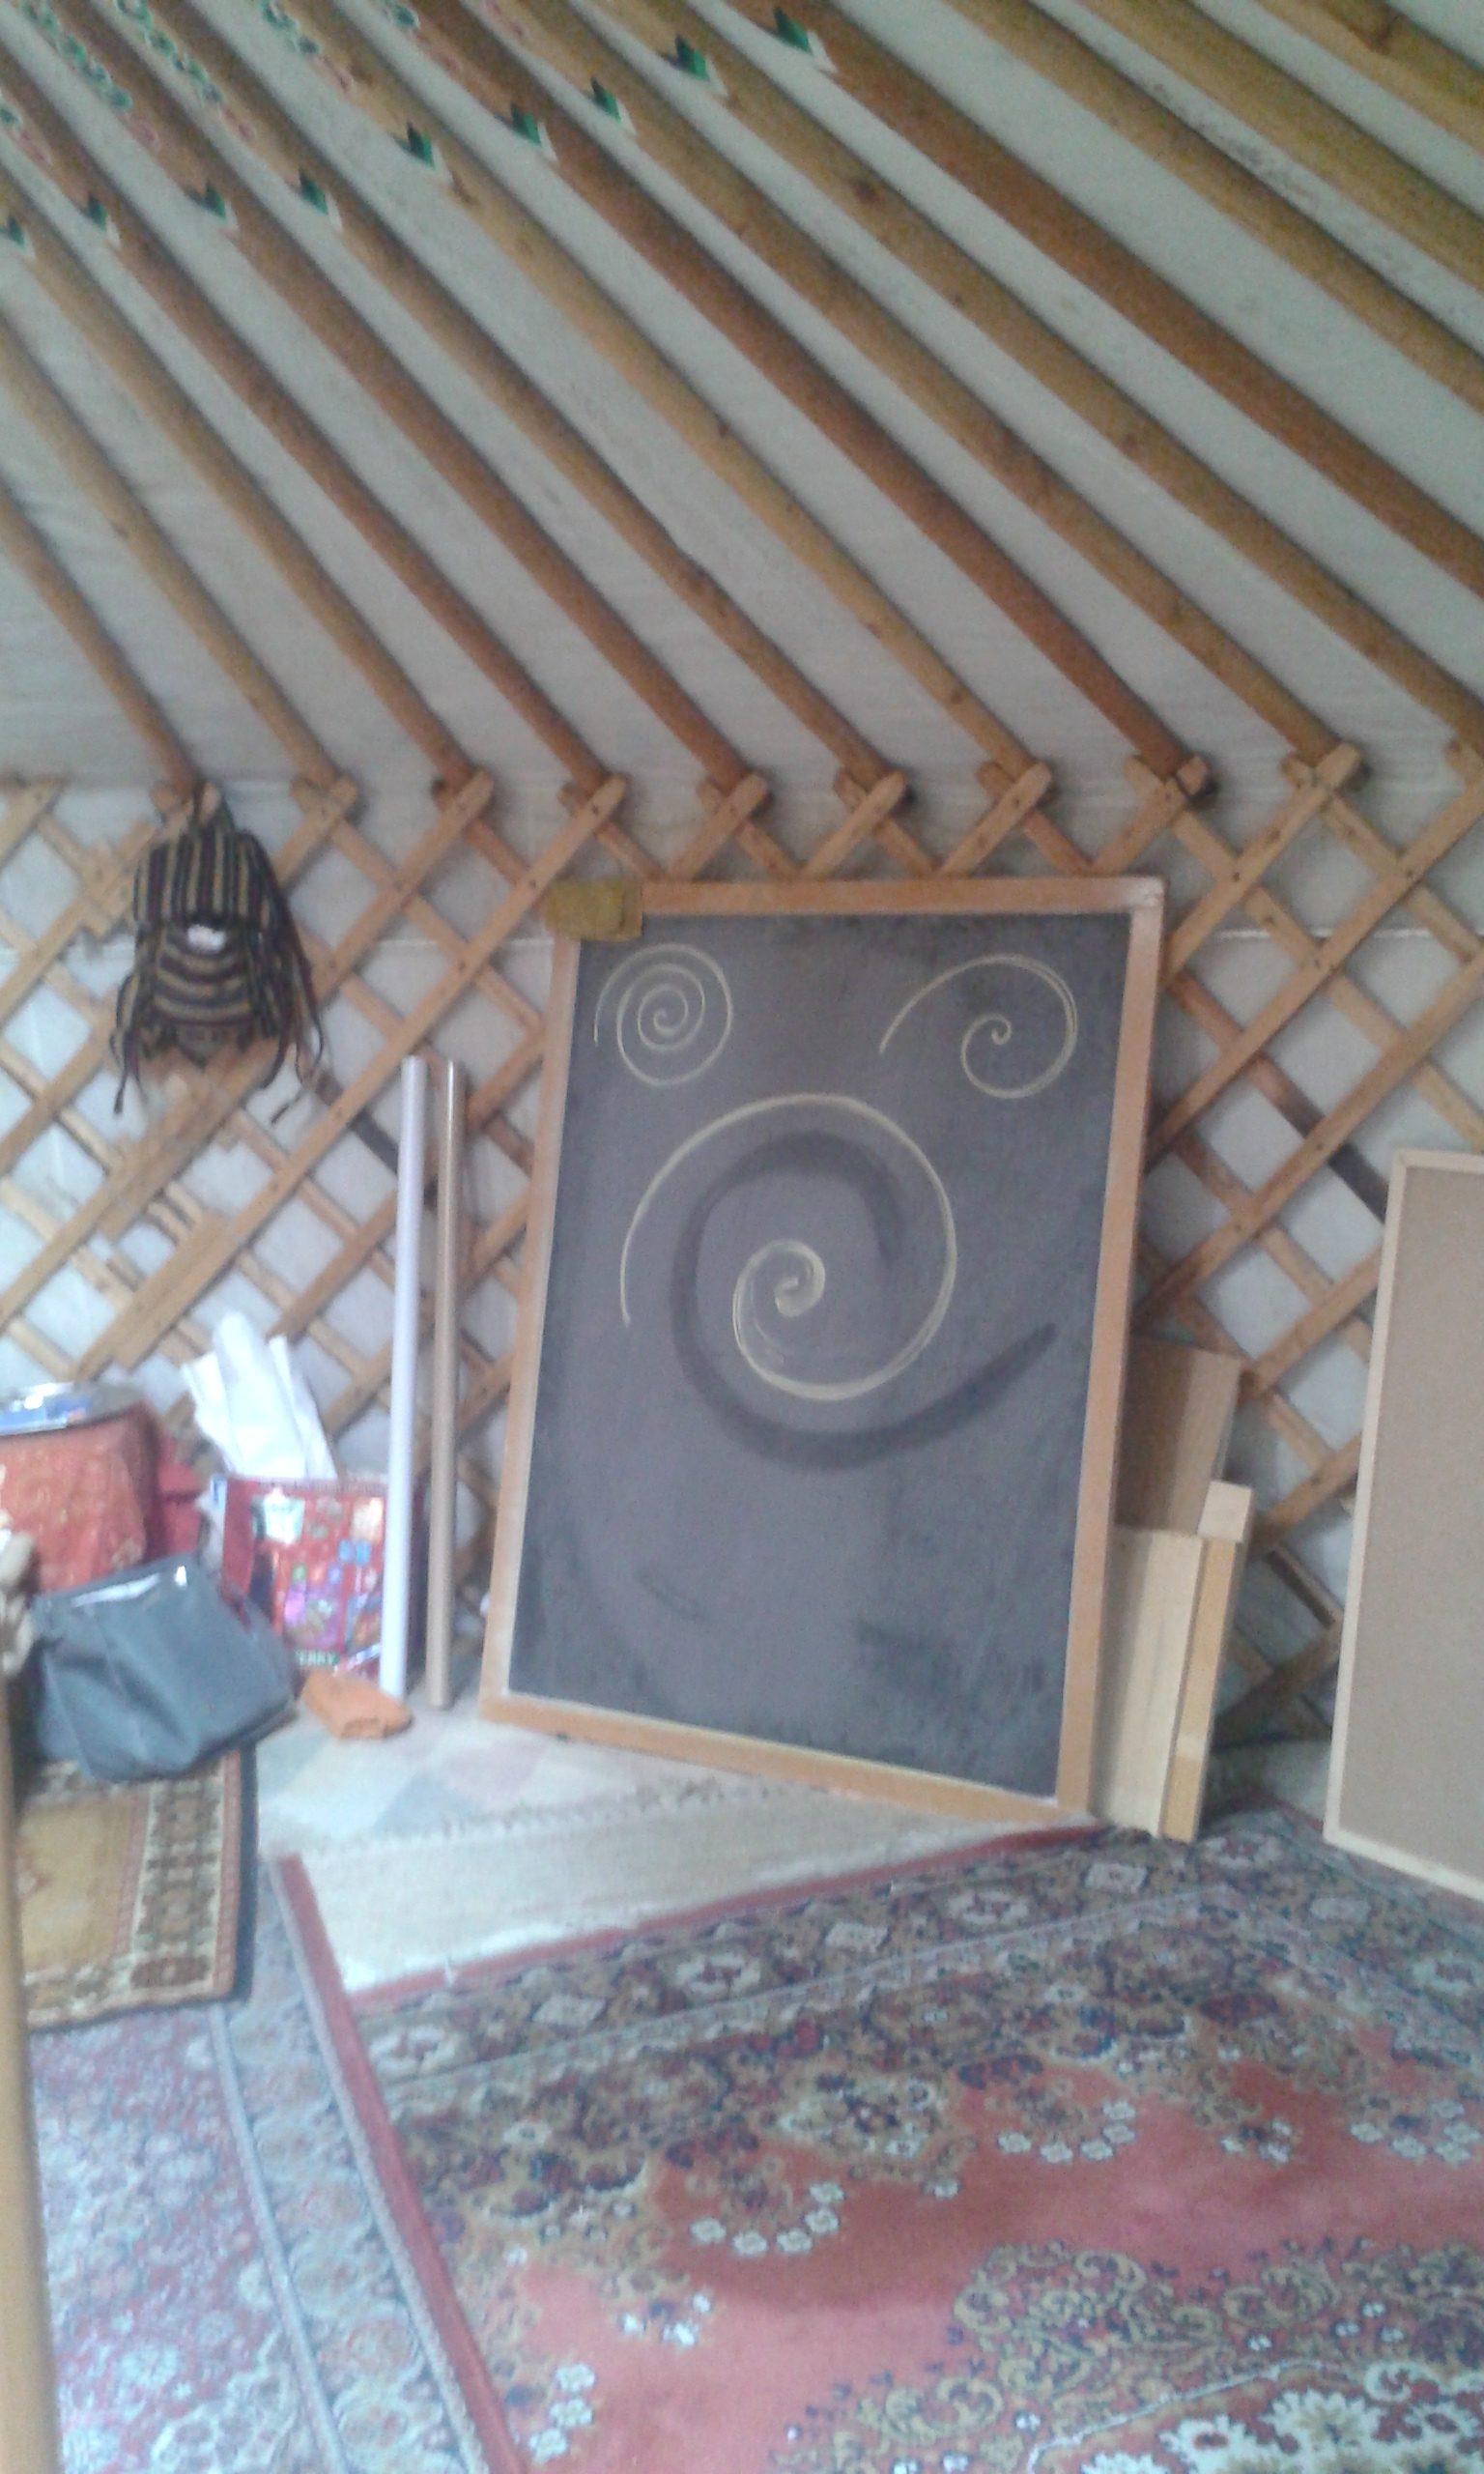 Disegno di forme, spirali